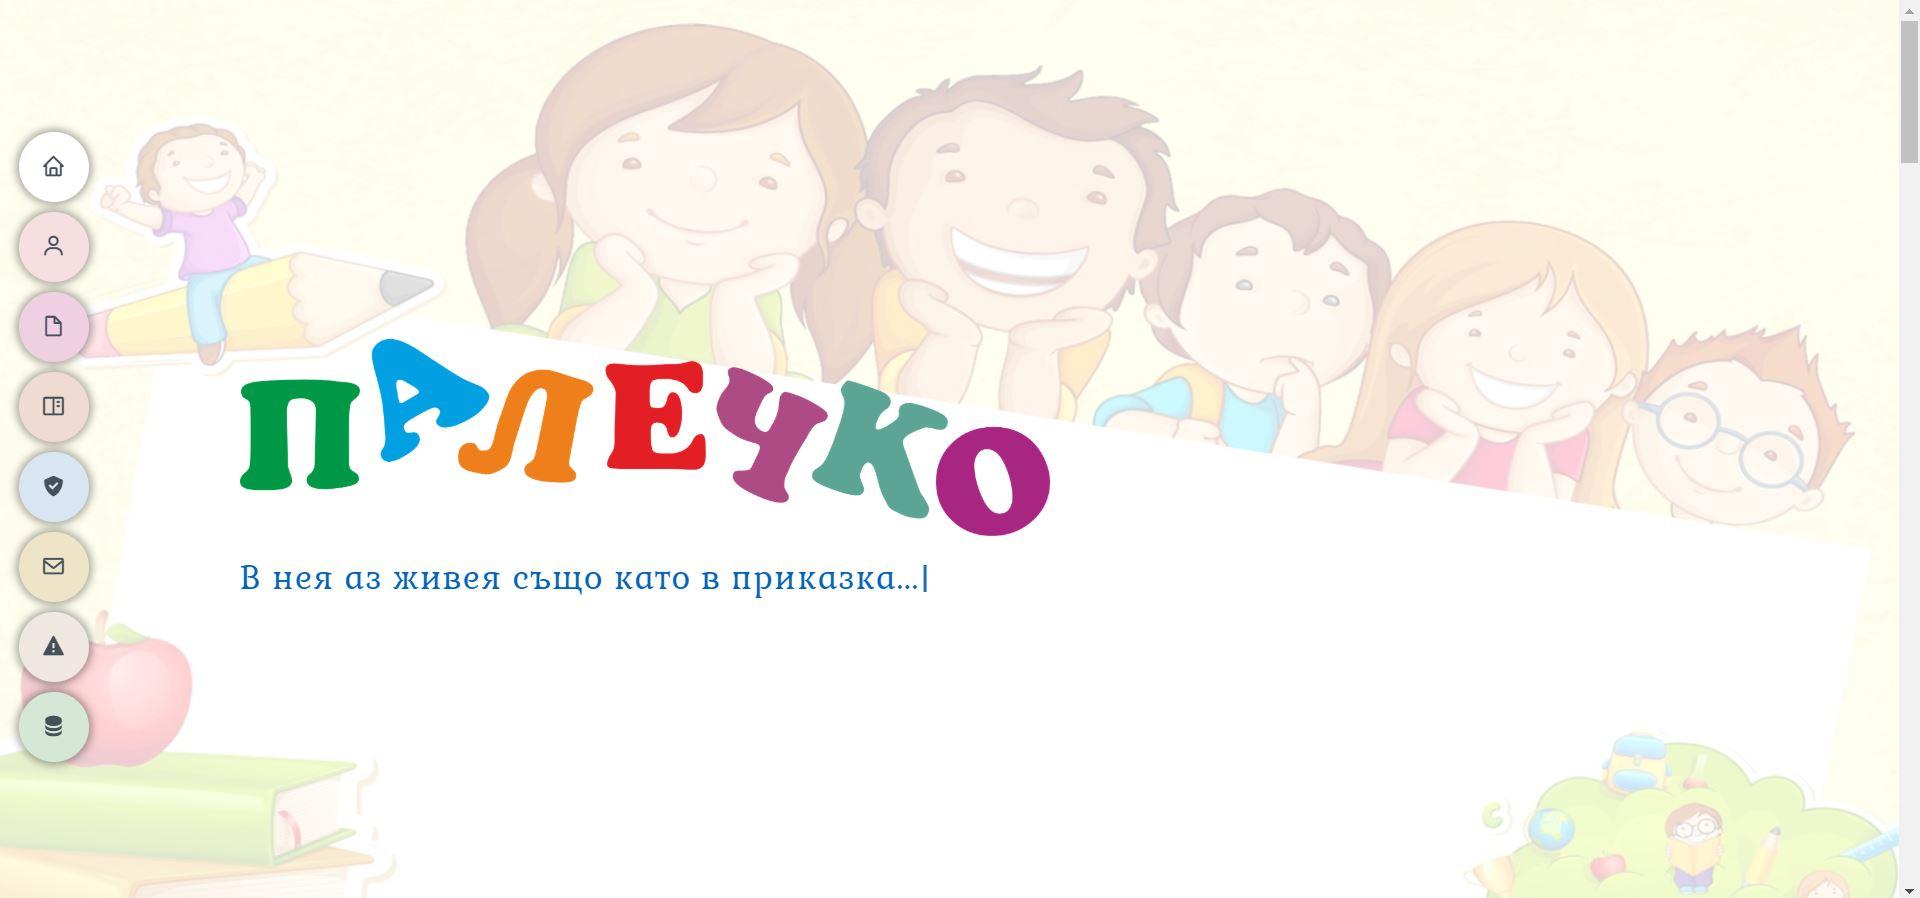 ДГ 6 Палечко - Варна